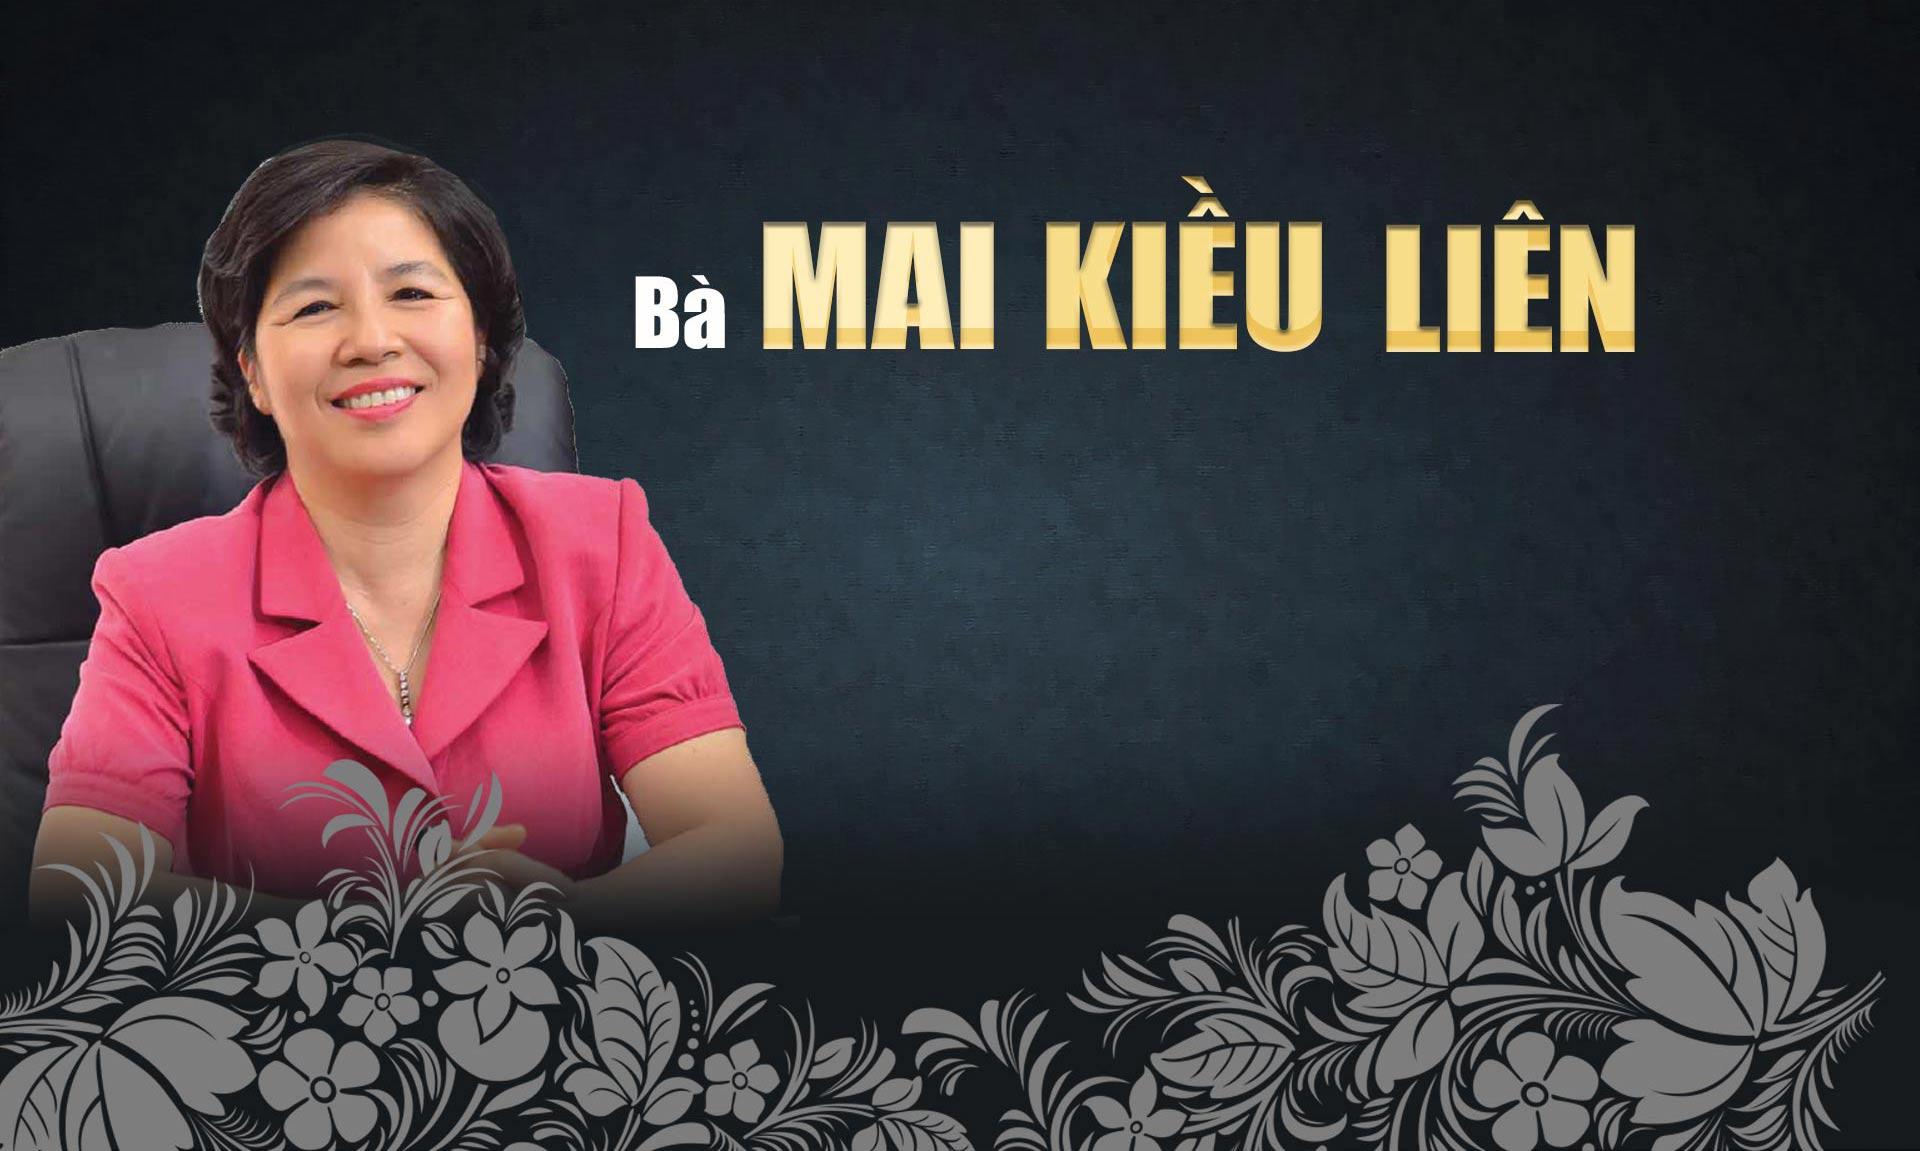 10 phụ nữ Việt gây choáng bởi sự giàu có, giỏi giang và quyền lực - 29